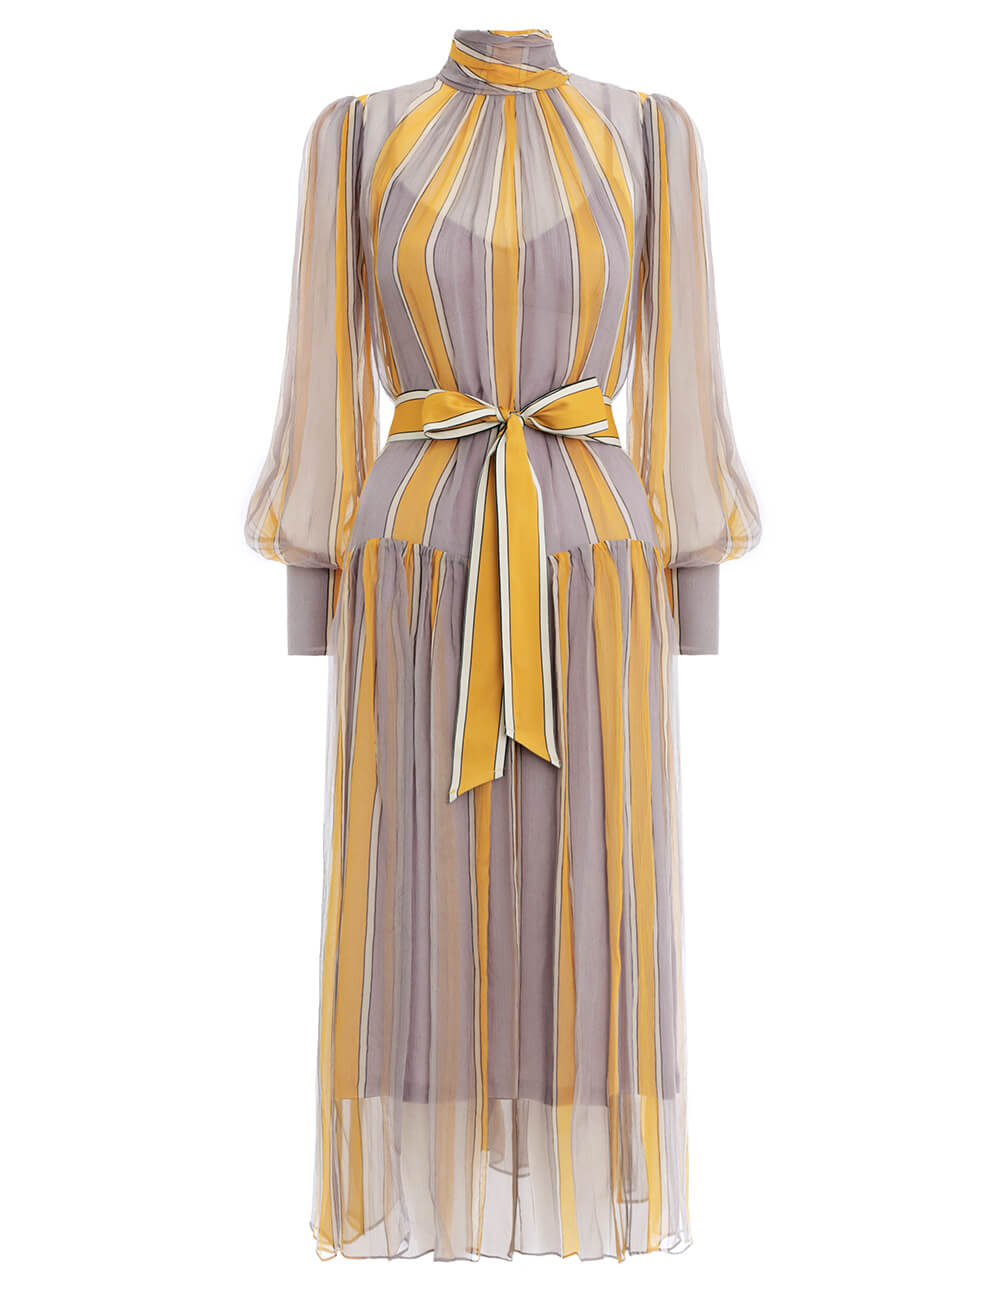 c2134baf3 Shop Designer Dresses Online | ZIMMERMANN